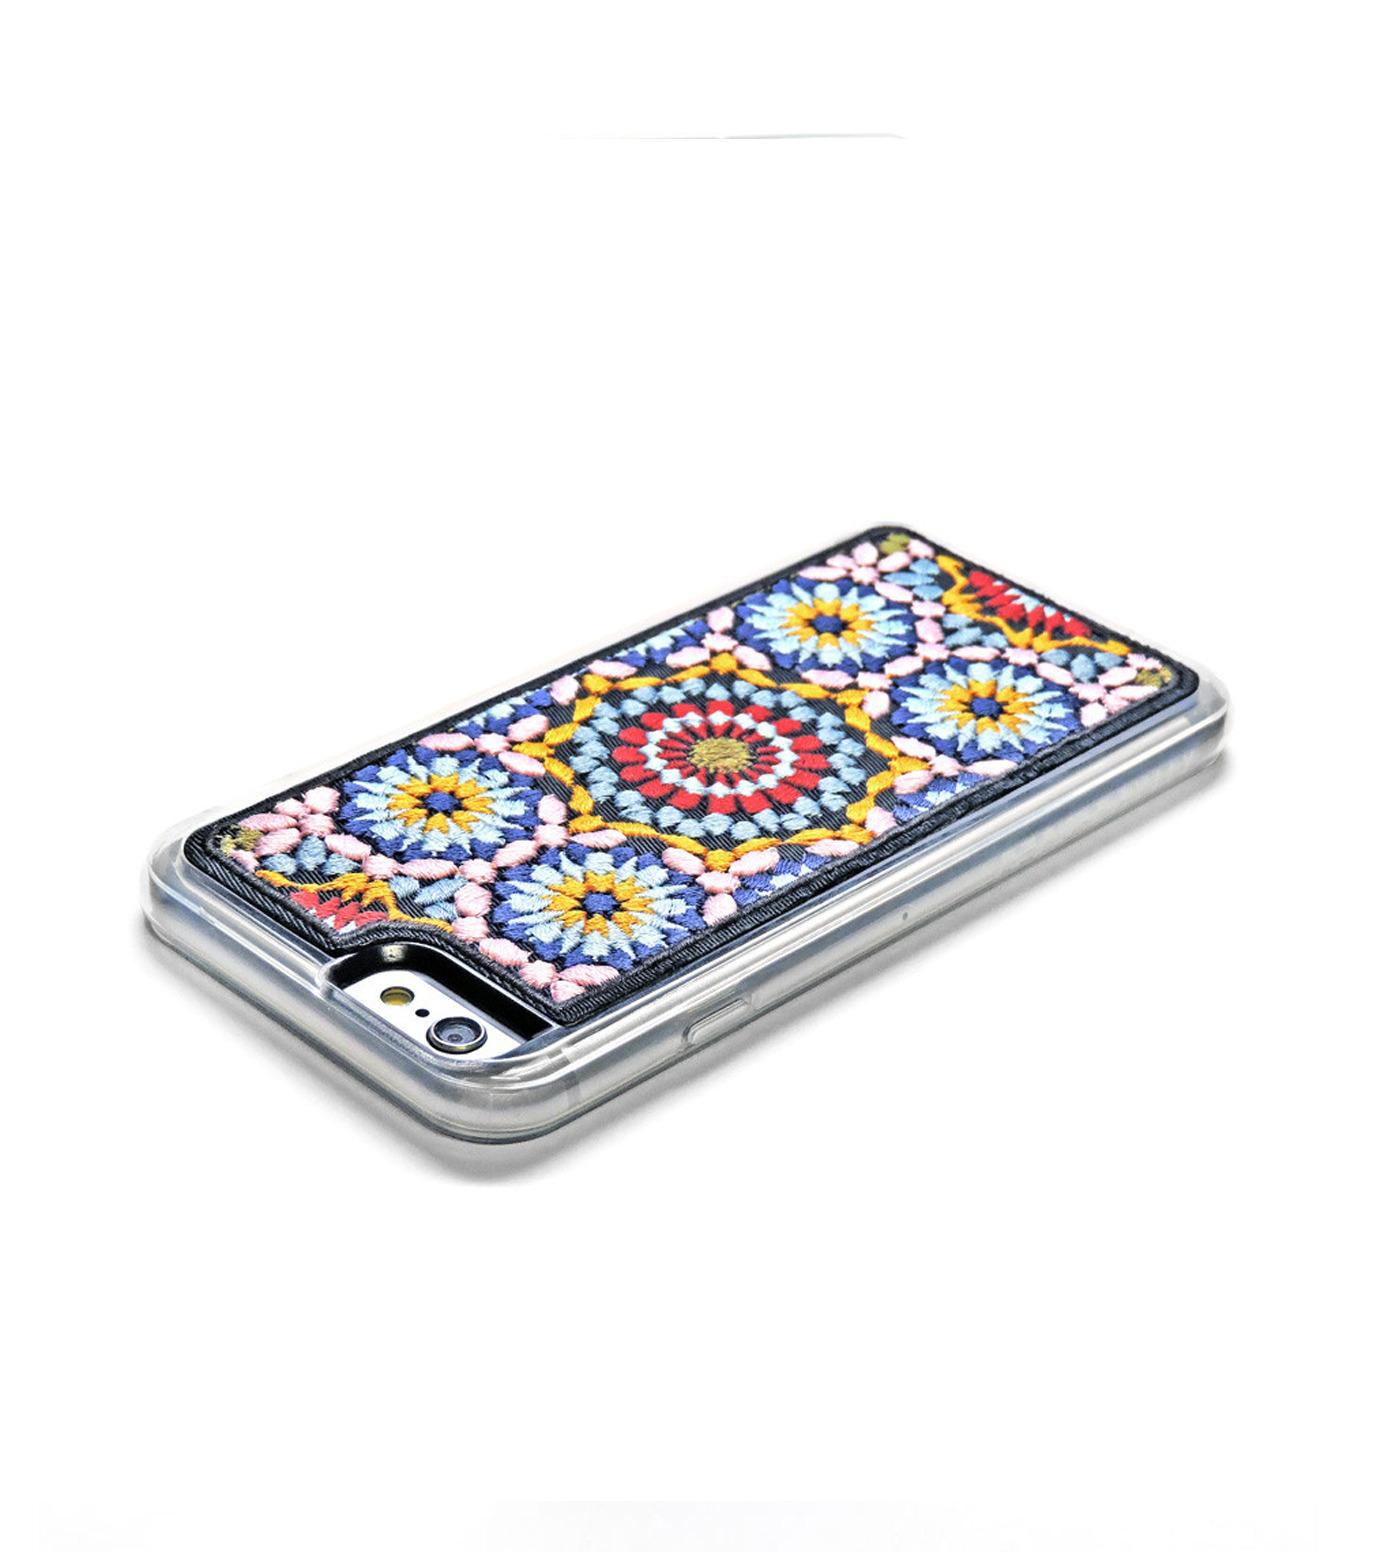 ZERO GRAVITY(ゼログラビティ)のCASBAH for 6/6S-BLACK(ケースiphone6/6s/case iphone6/6s)-CASBA6-13 拡大詳細画像4